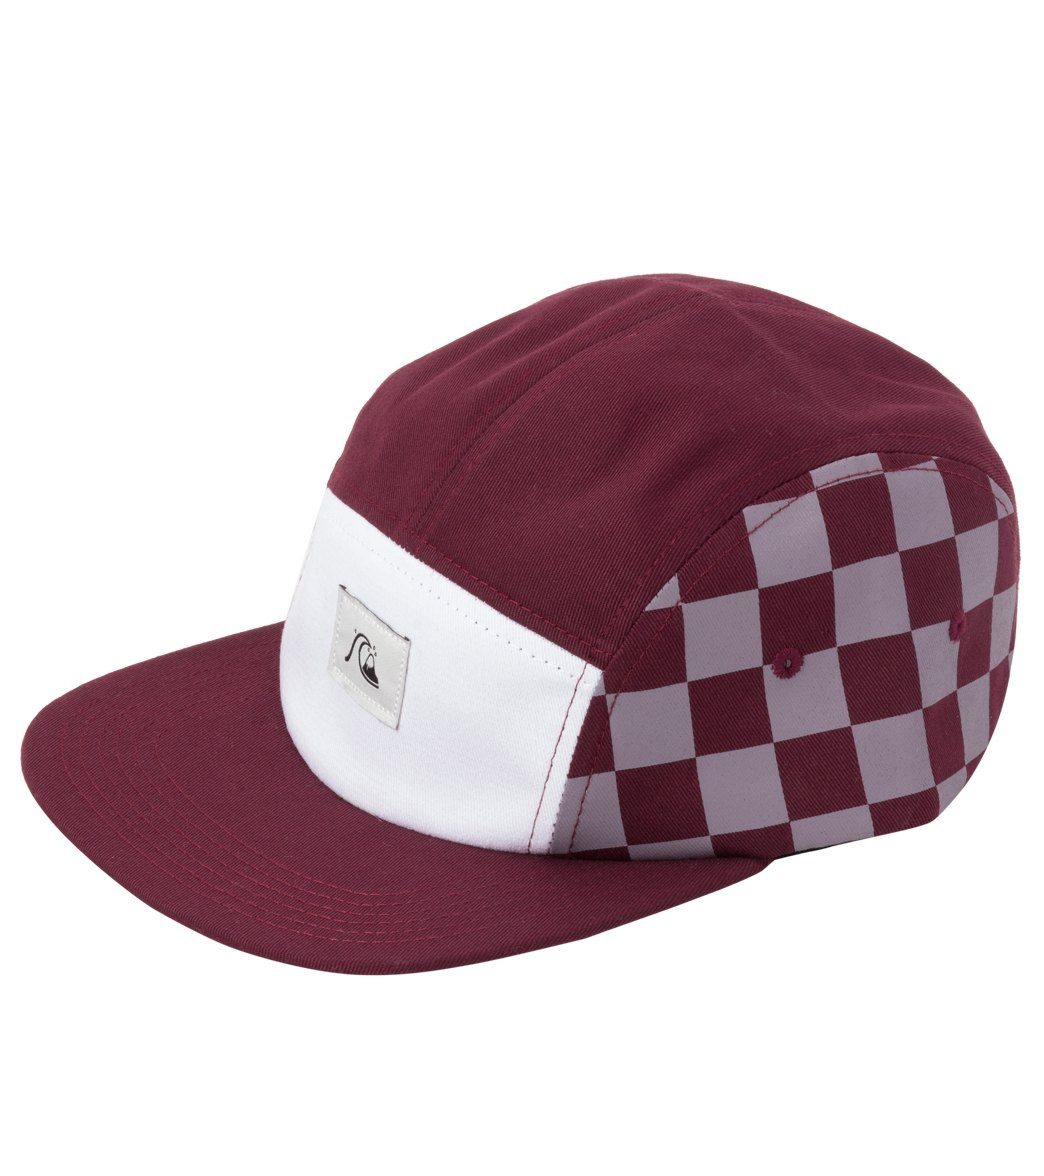 timeless design 81e69 8d217 ... Quiksilver Men s Blender Hat. Share